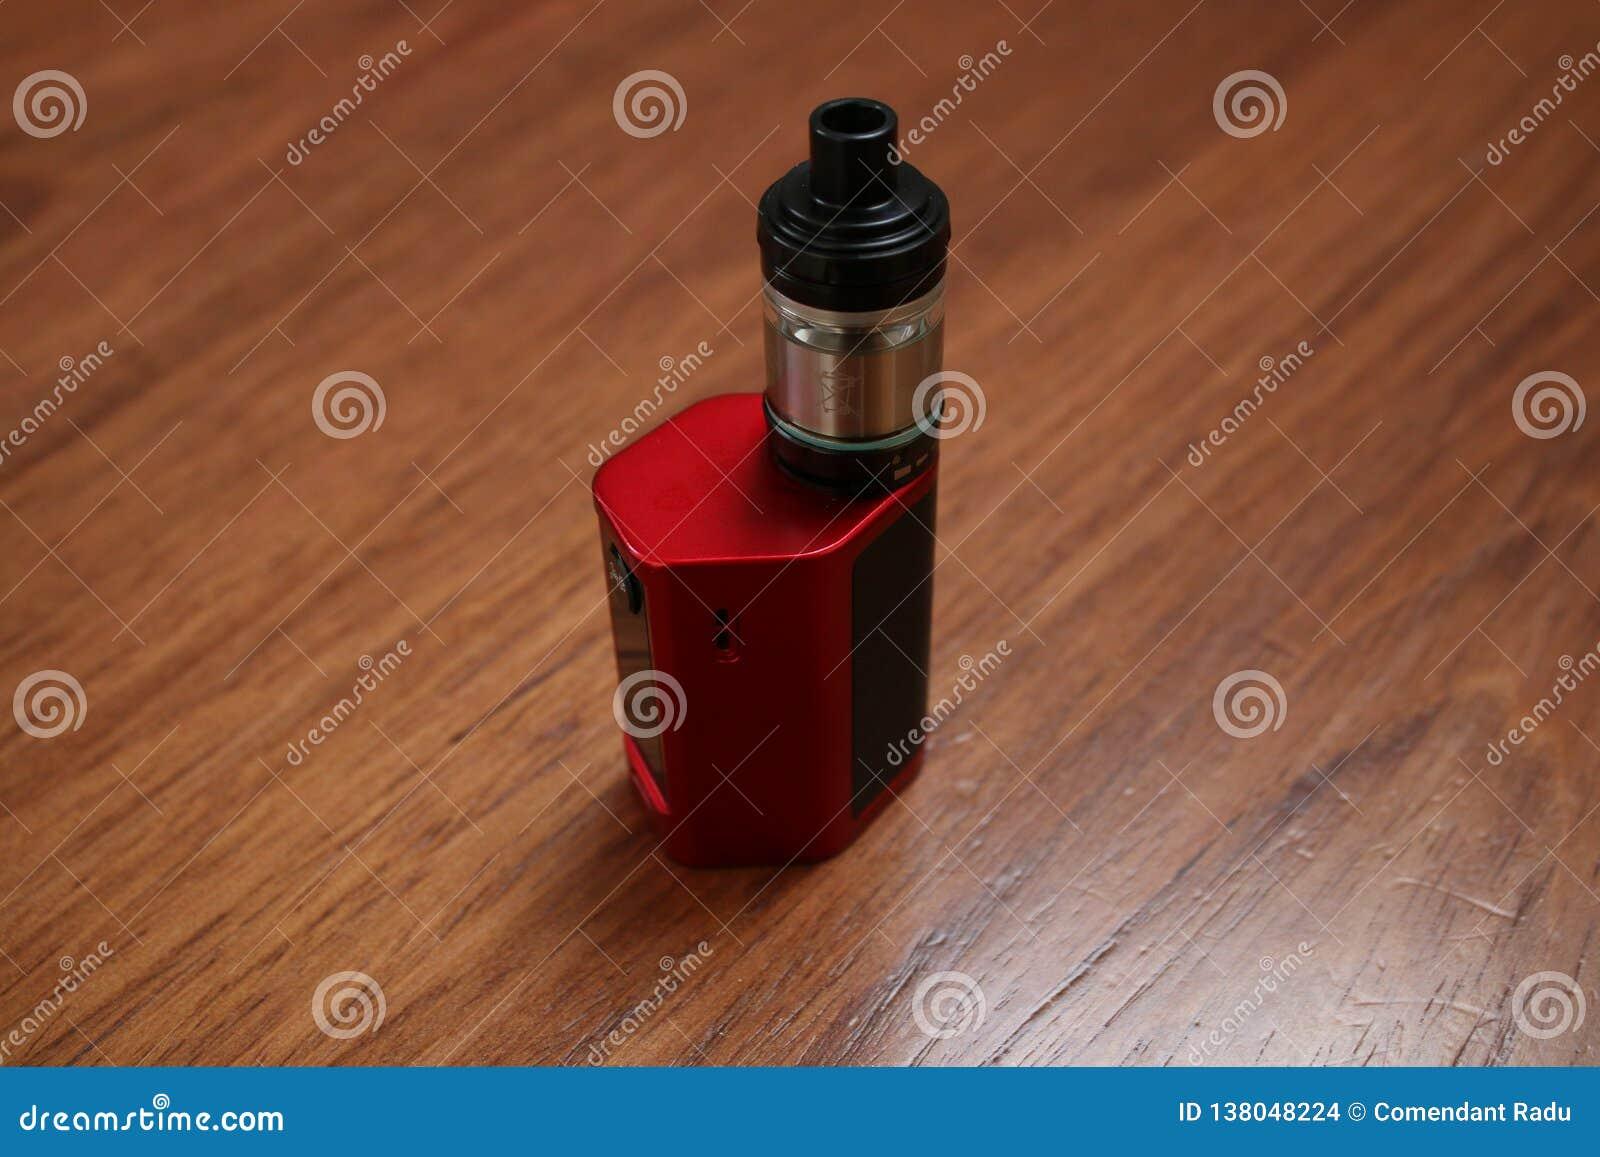 Elektronische Zigarette, Alternative bis das übliche